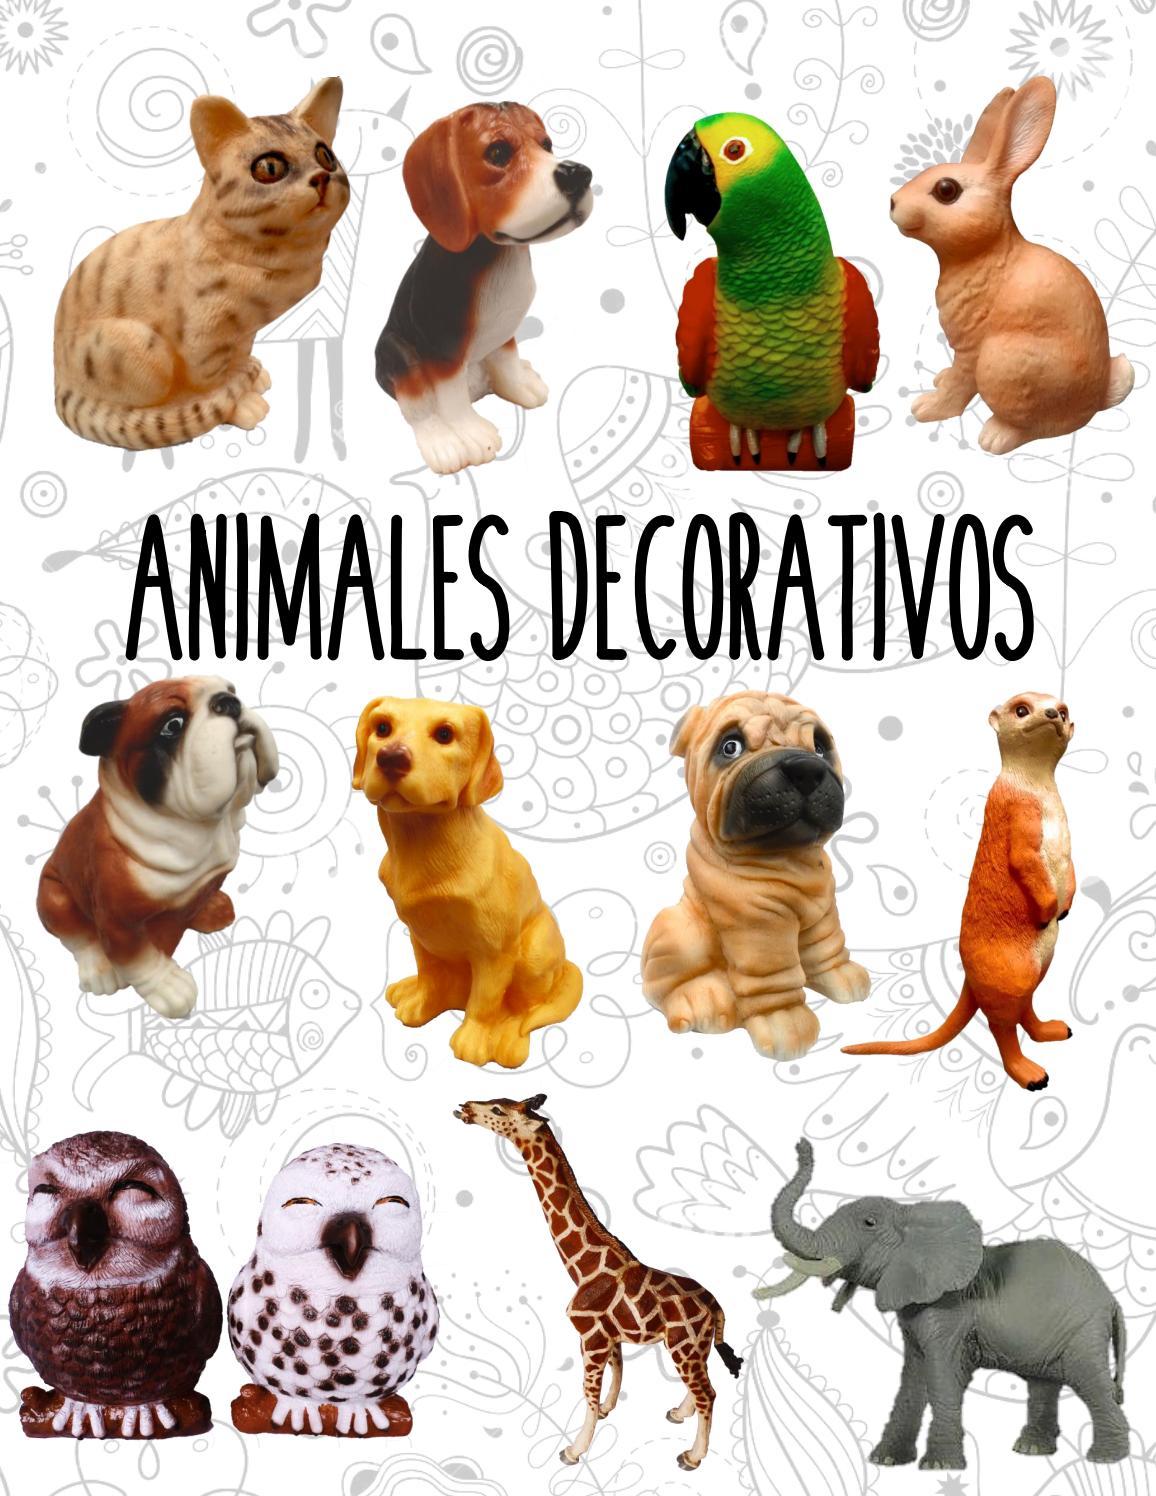 6 unidades de p/íldoras de p/íldoras para mascotas perros gatos dispensador de alimentaci/ón m/édica para perros animales. jeringa de alimentaci/ón para mascotas animales gatos